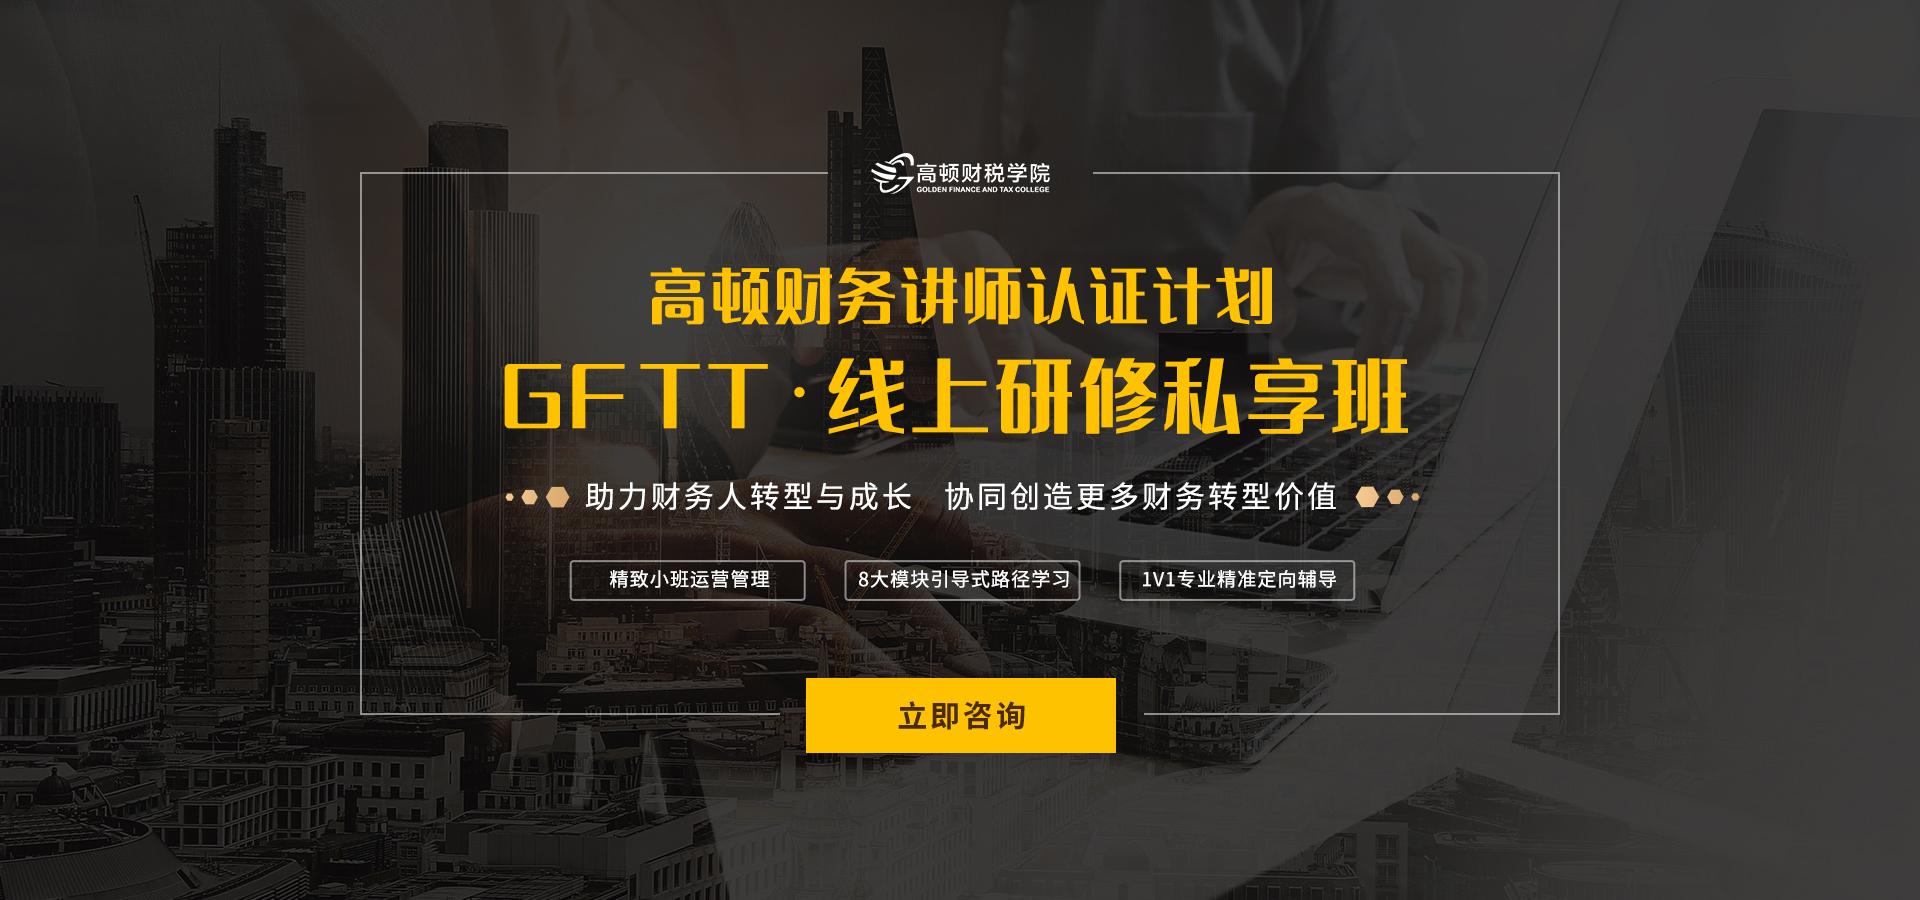 高頓財務講師認證計劃-GFTT線上研修私享班!助力財務人轉型與成長,協同創造更多財務轉型價值